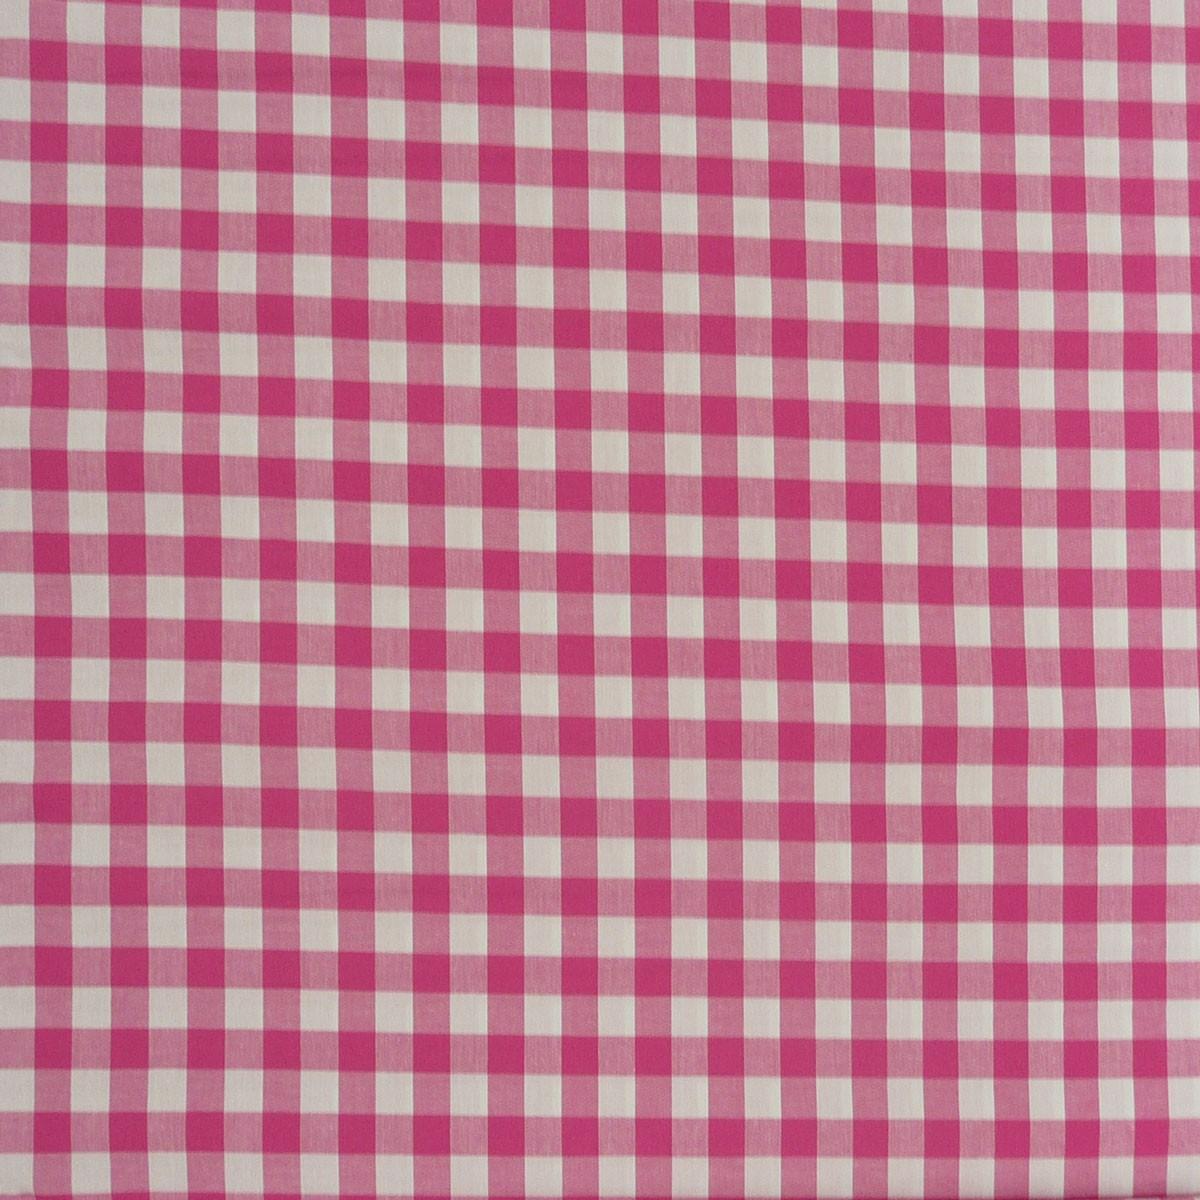 Baumwollstoff kariert weiß pink 16mm